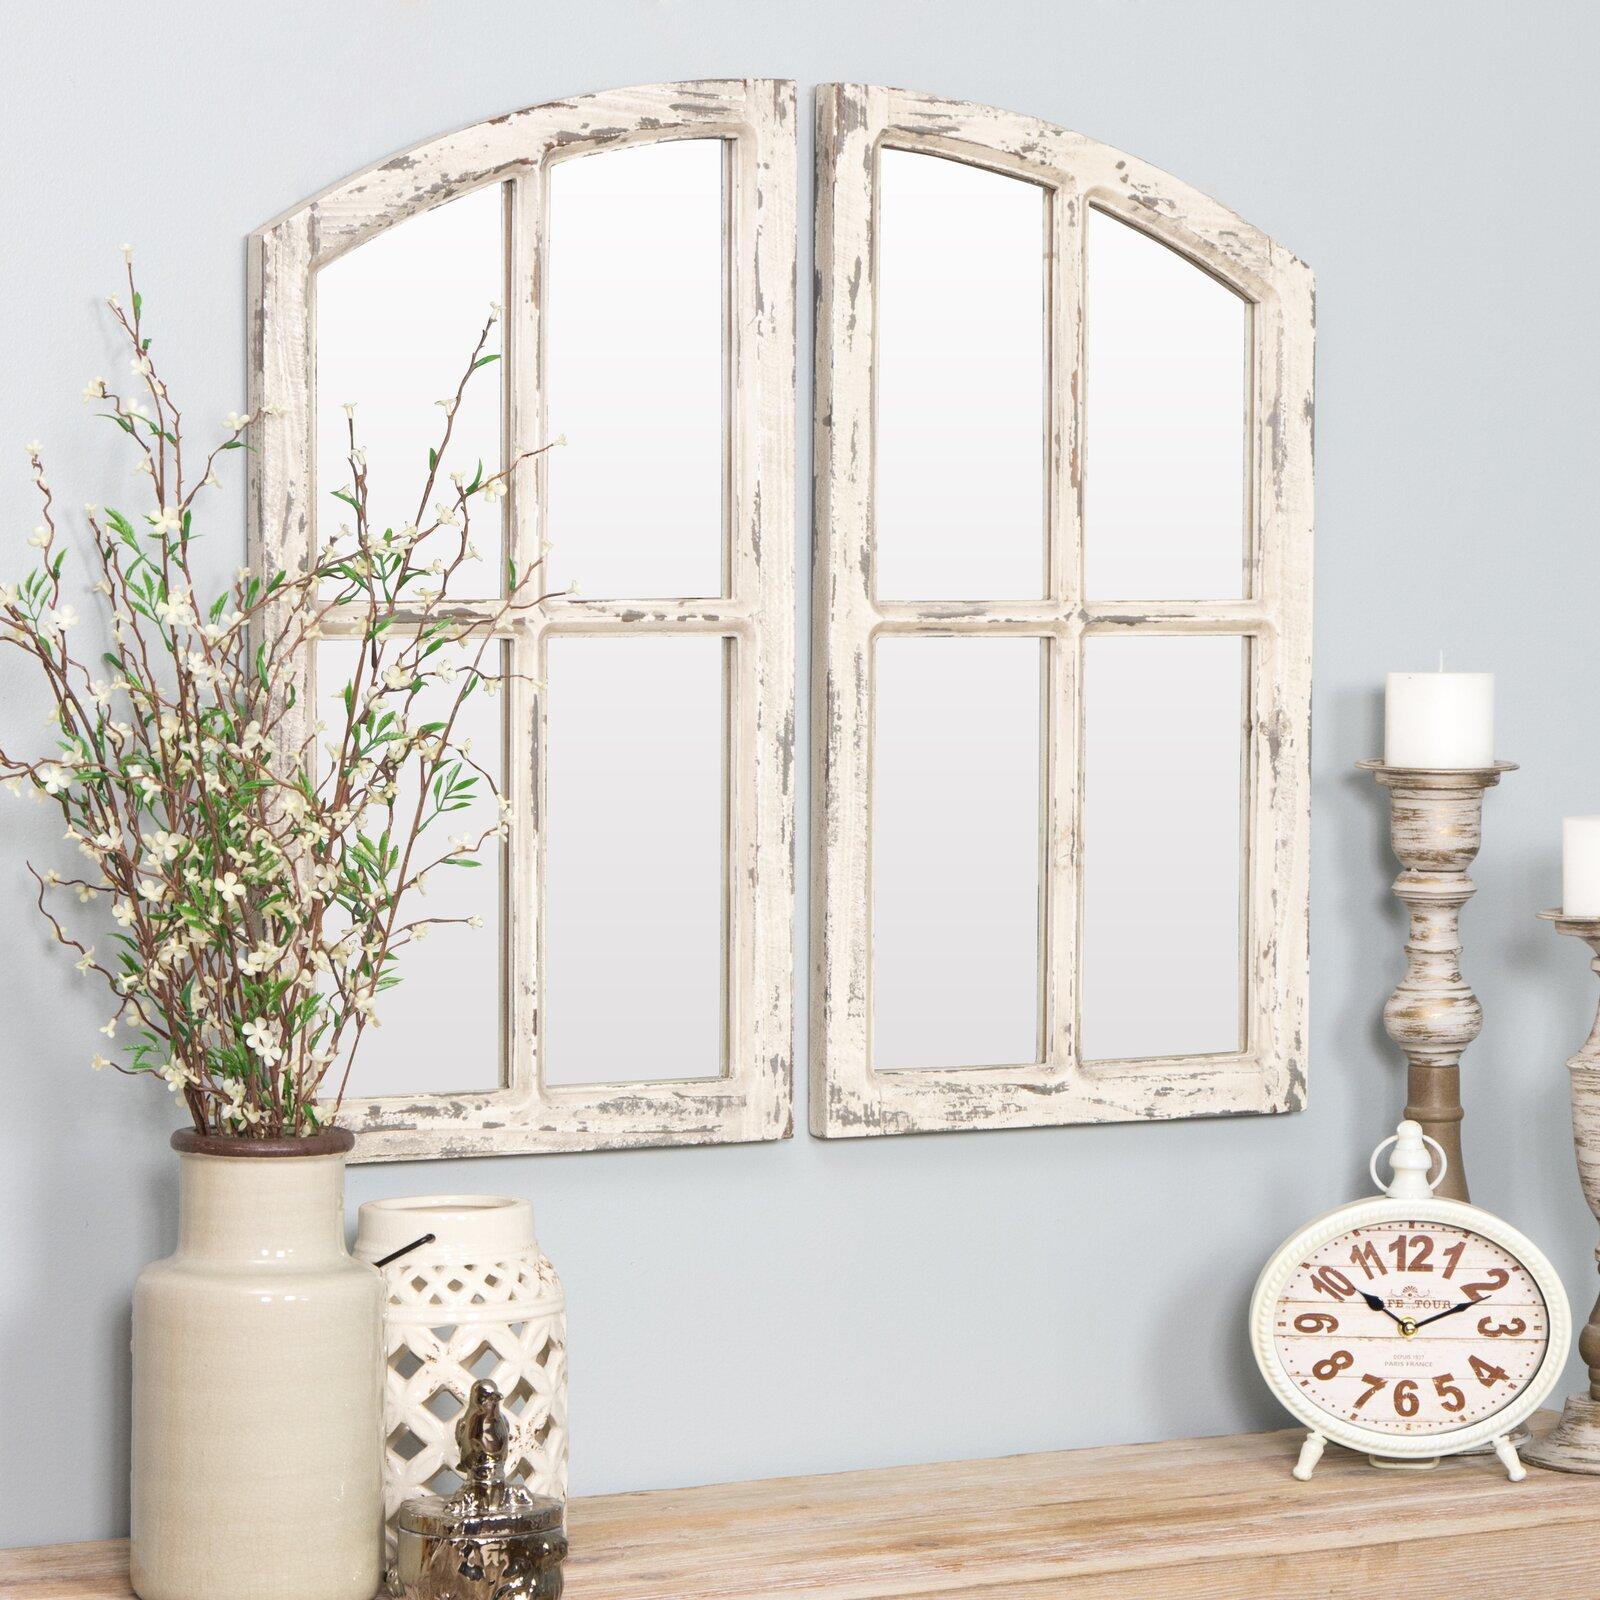 Kissena Window Pane Farmhouse Farmhouse / Country Distressed Mirror